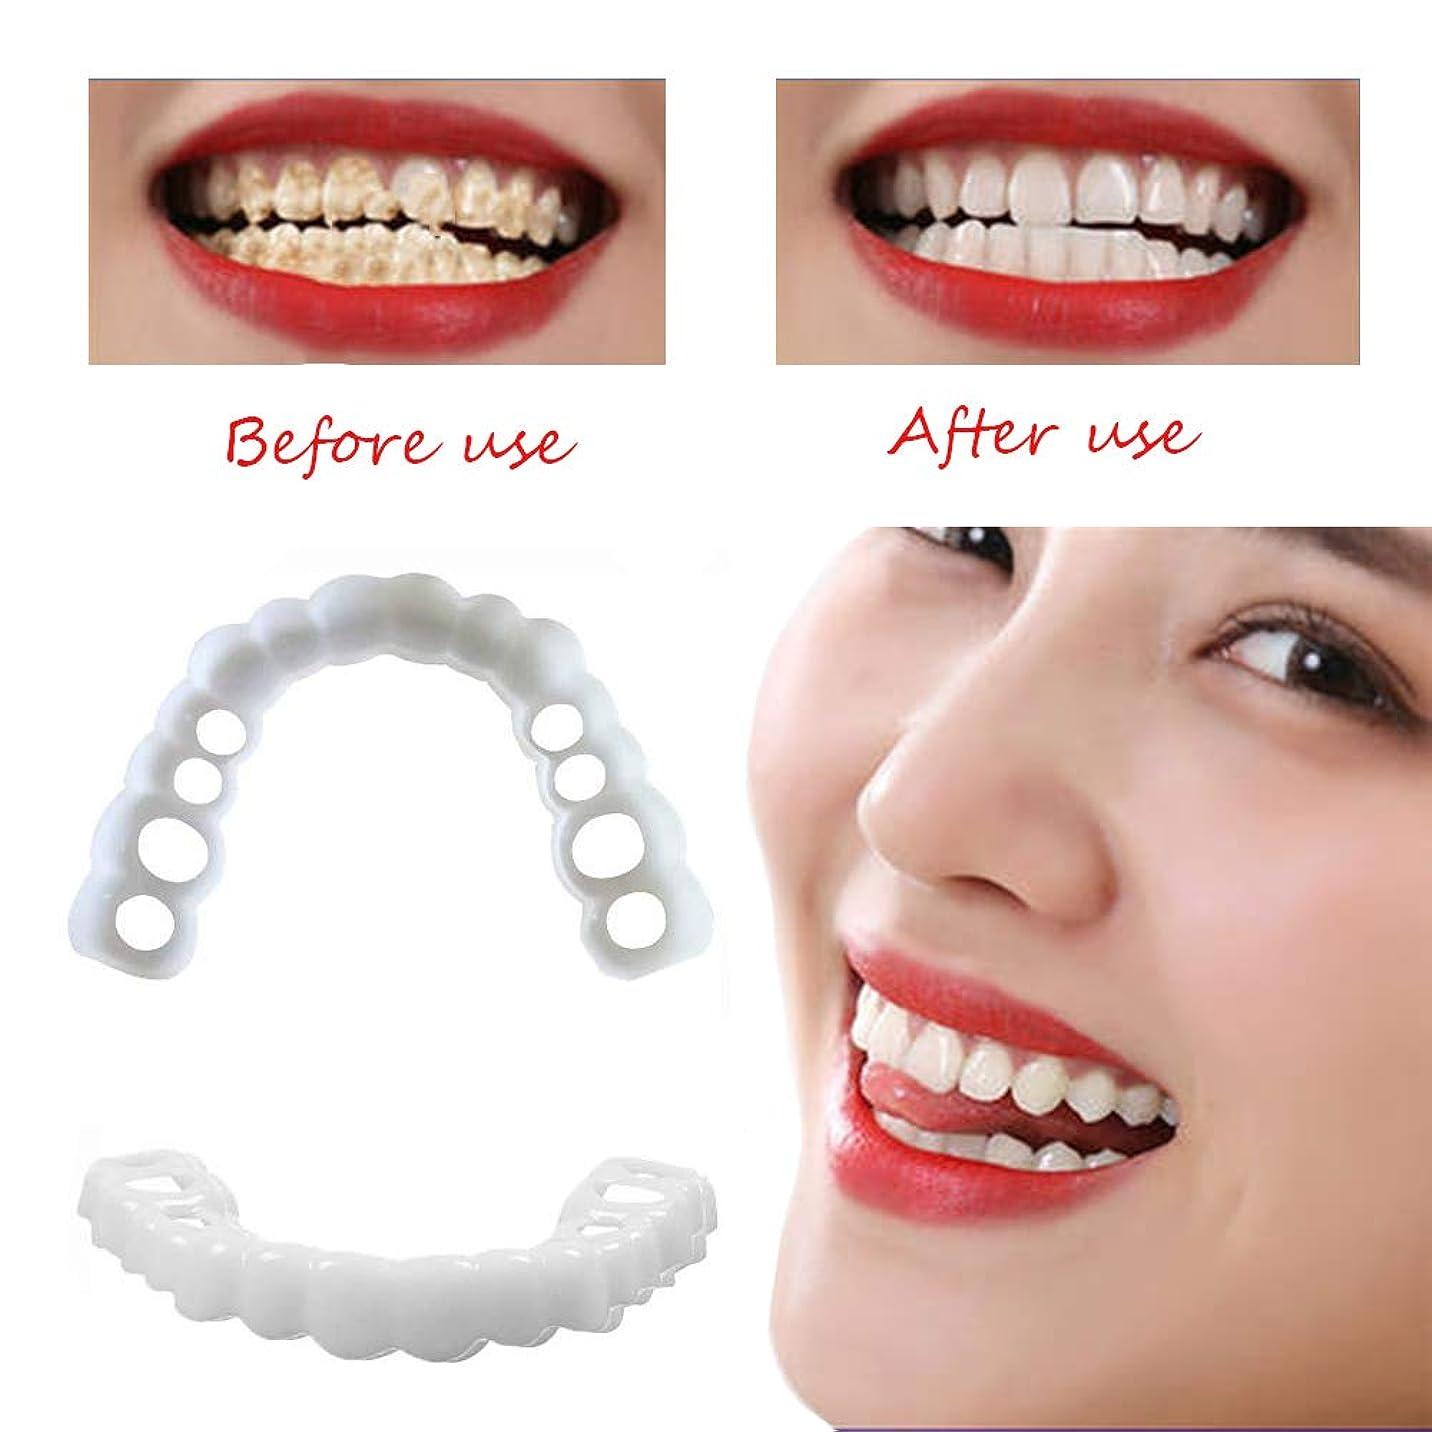 筋肉の突撃フリンジ歯の入れ歯歯の化粧品一時的な笑顔の快適フィット化粧品の歯の入れ歯(4ペア、白),10Pairs